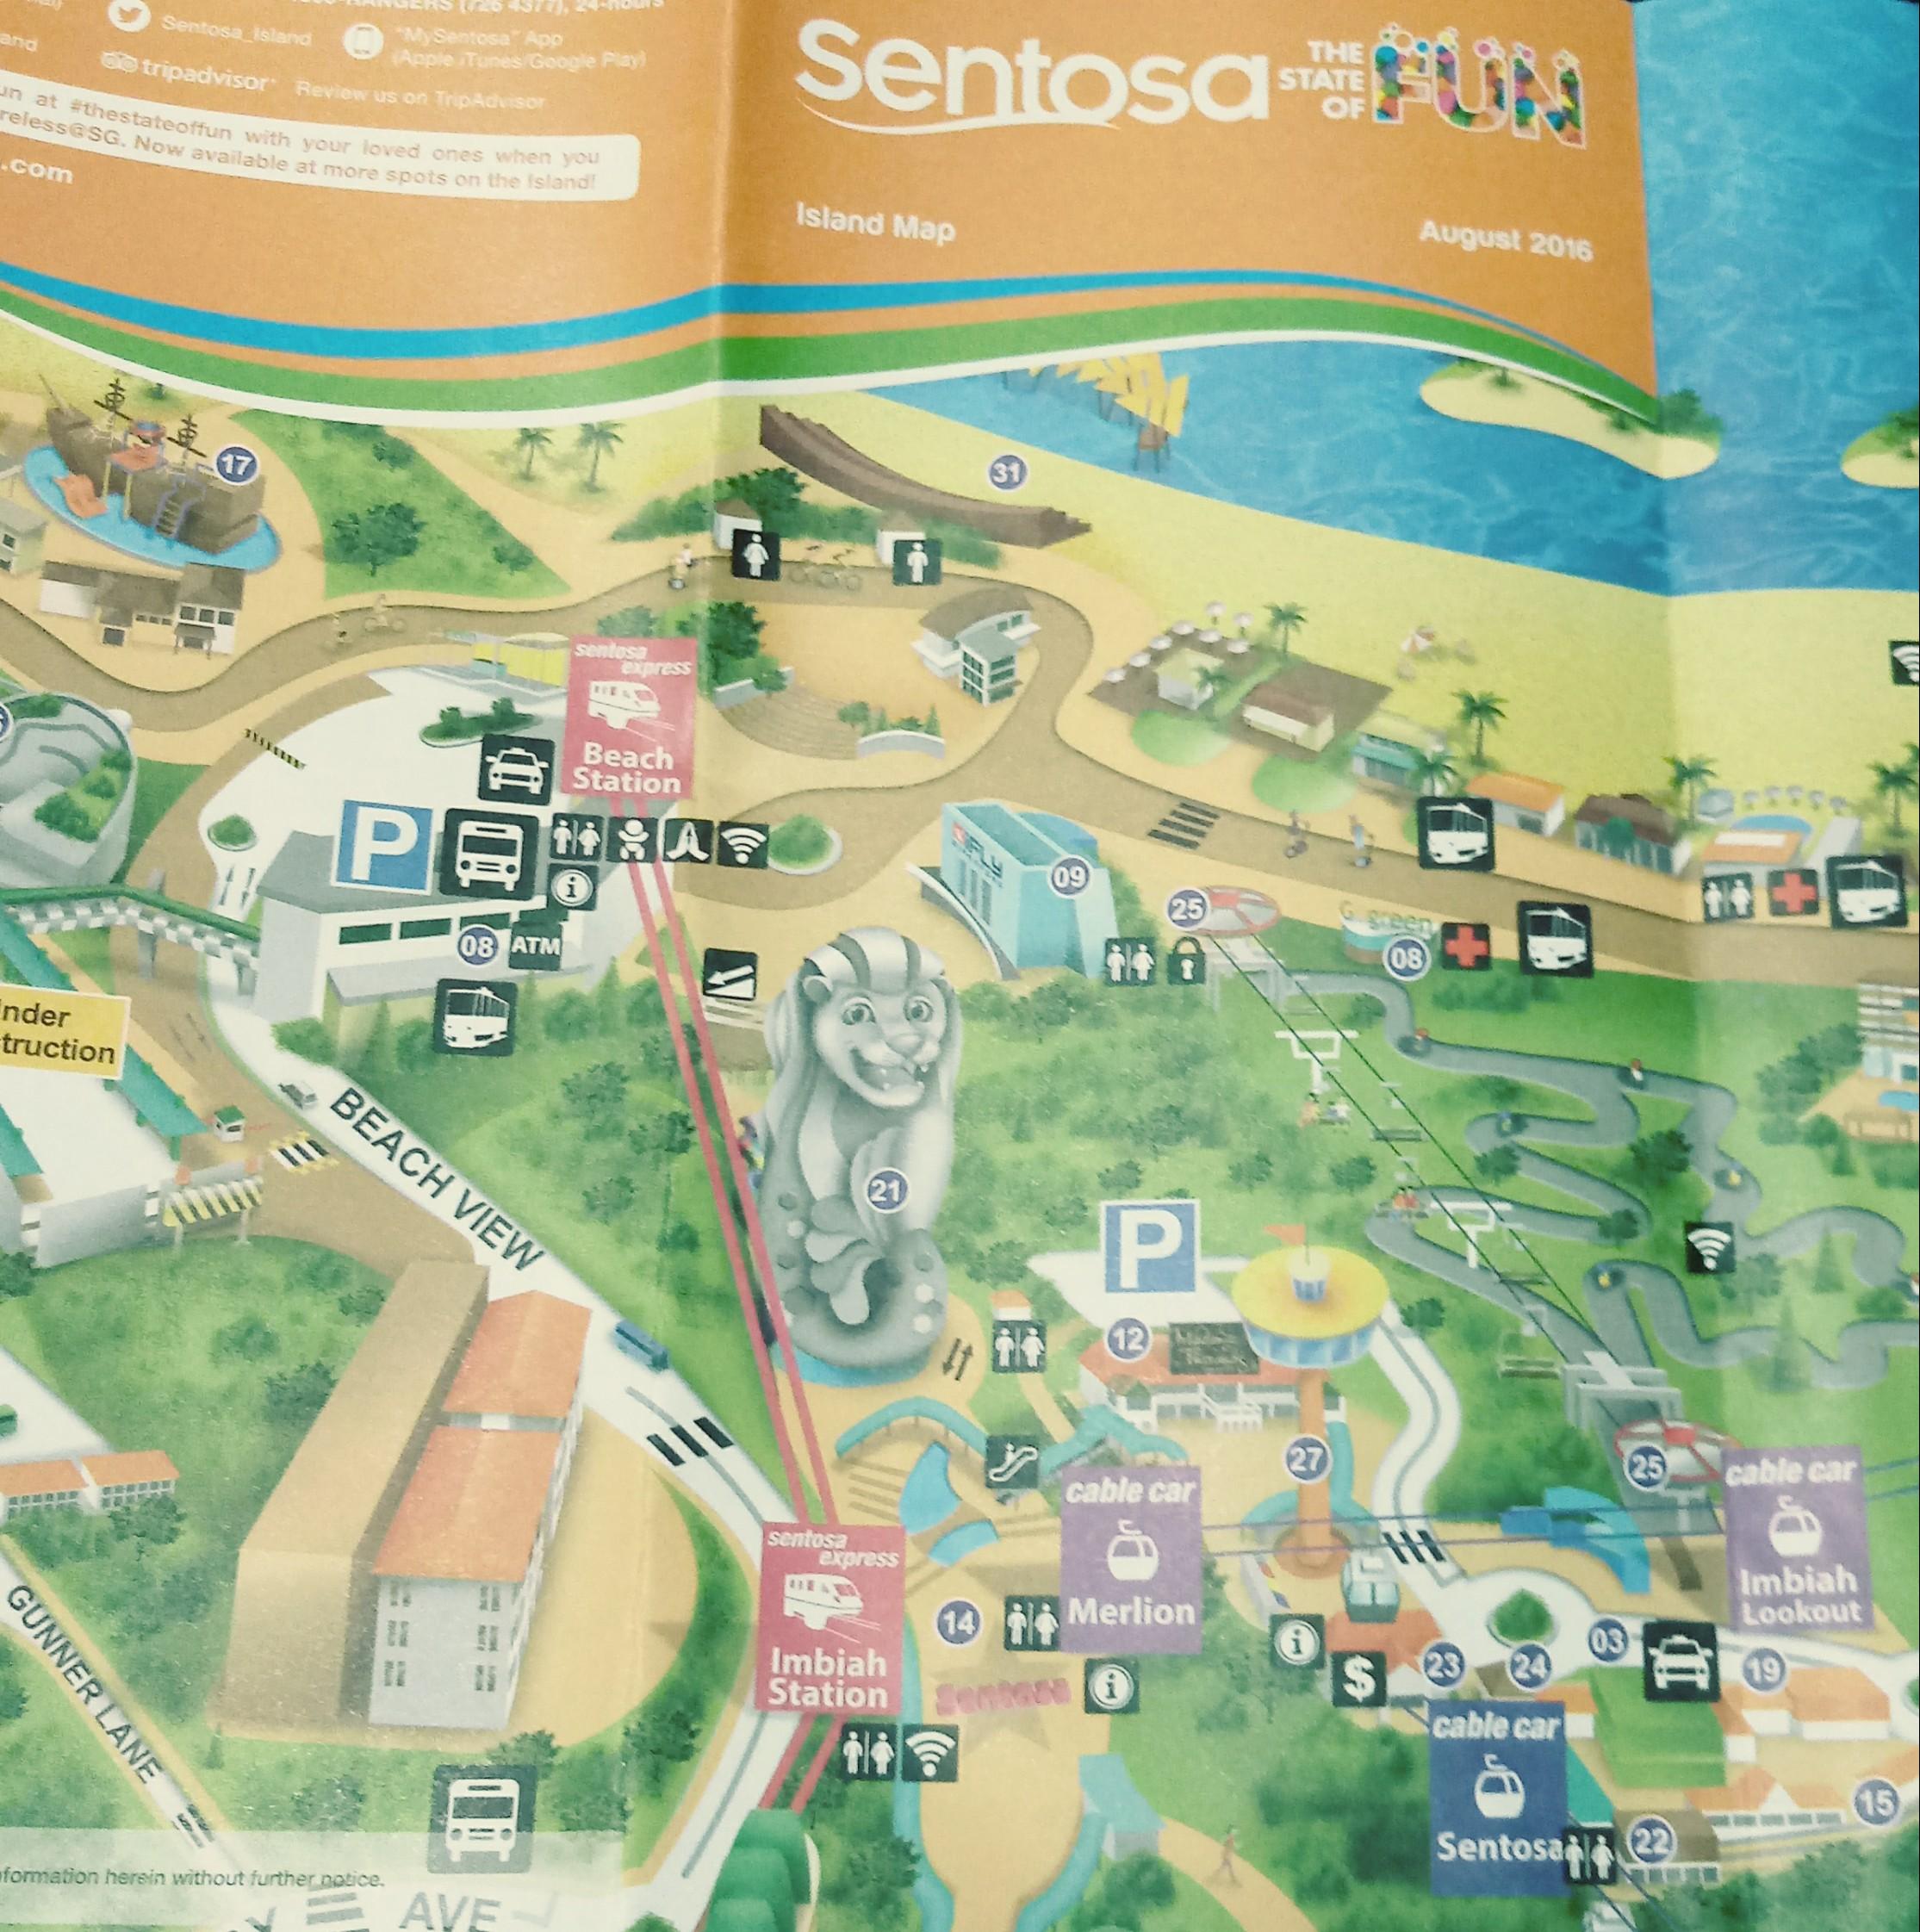 Il Merlion (quello alto trentasette metri!) rappresentato in una mappa di Sentosa, l'isola dei divertimenti di Singapore.